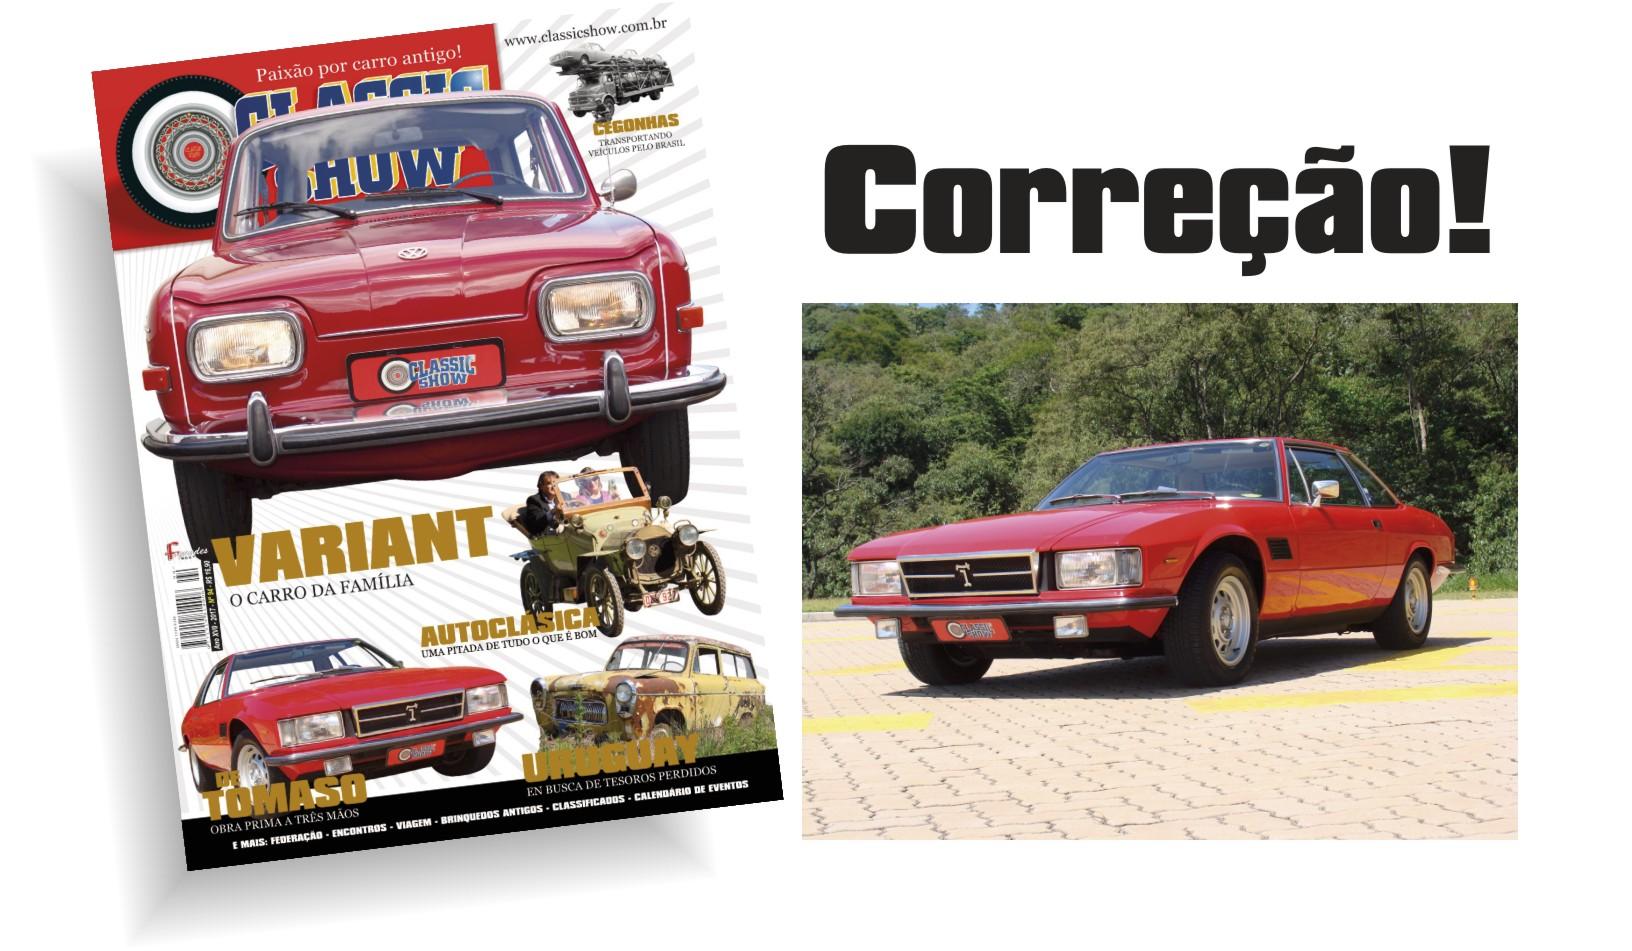 ERRATA: Revista Classic Show edição 94